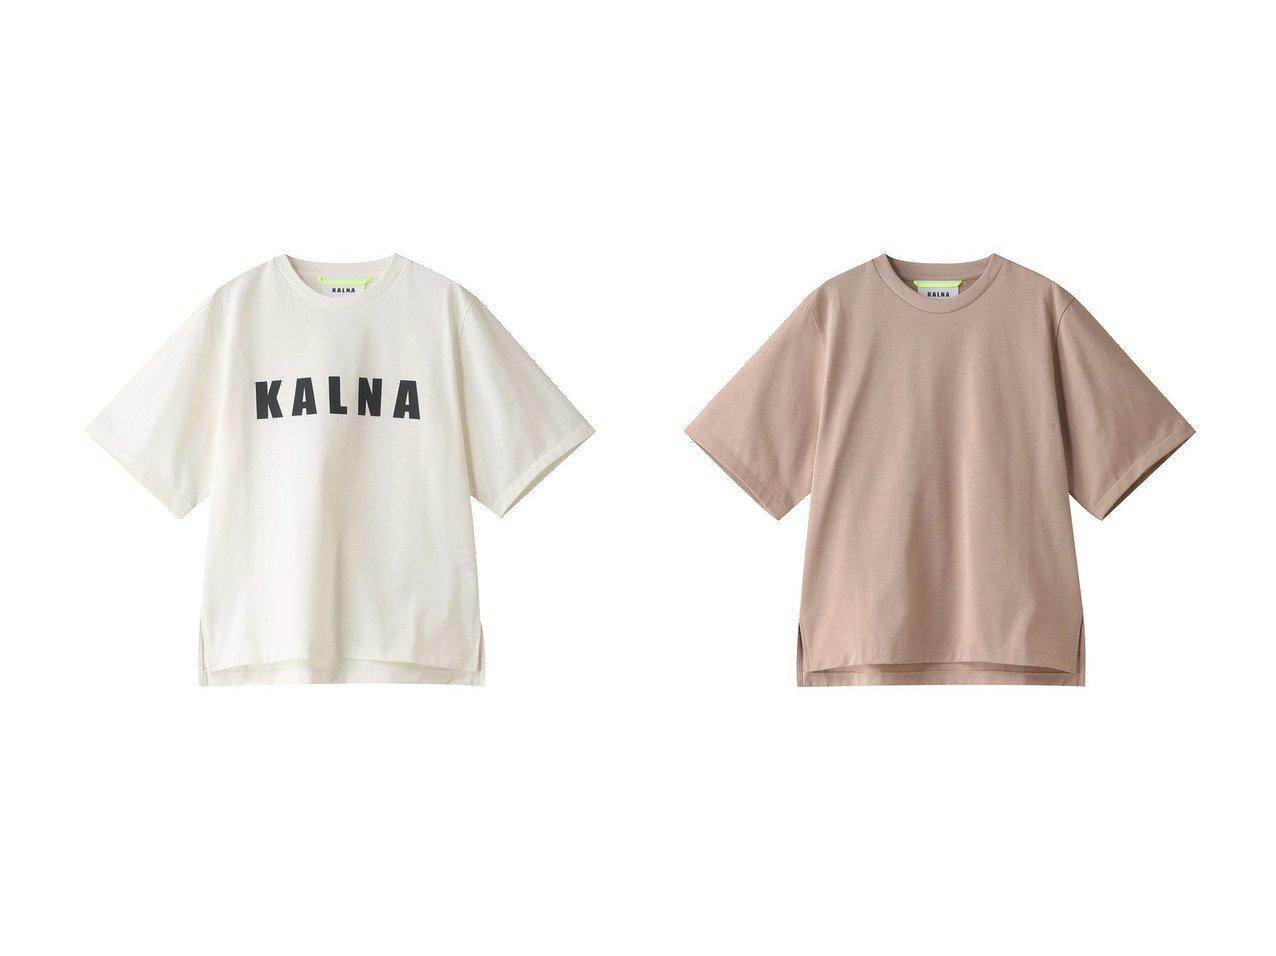 【KALNA/カルナ】のウルティマ無地Tシャツ&ウルティマロゴTシャツ 【トップス・カットソー】おすすめ!人気、トレンド・レディースファッションの通販 おすすめで人気の流行・トレンド、ファッションの通販商品 メンズファッション・キッズファッション・インテリア・家具・レディースファッション・服の通販 founy(ファニー) https://founy.com/ ファッション Fashion レディースファッション WOMEN トップス・カットソー Tops/Tshirt シャツ/ブラウス Shirts/Blouses ロング / Tシャツ T-Shirts カットソー Cut and Sewn ショート シンプル スリーブ プリント 半袖 トレンド パターン 無地 |ID:crp329100000035571